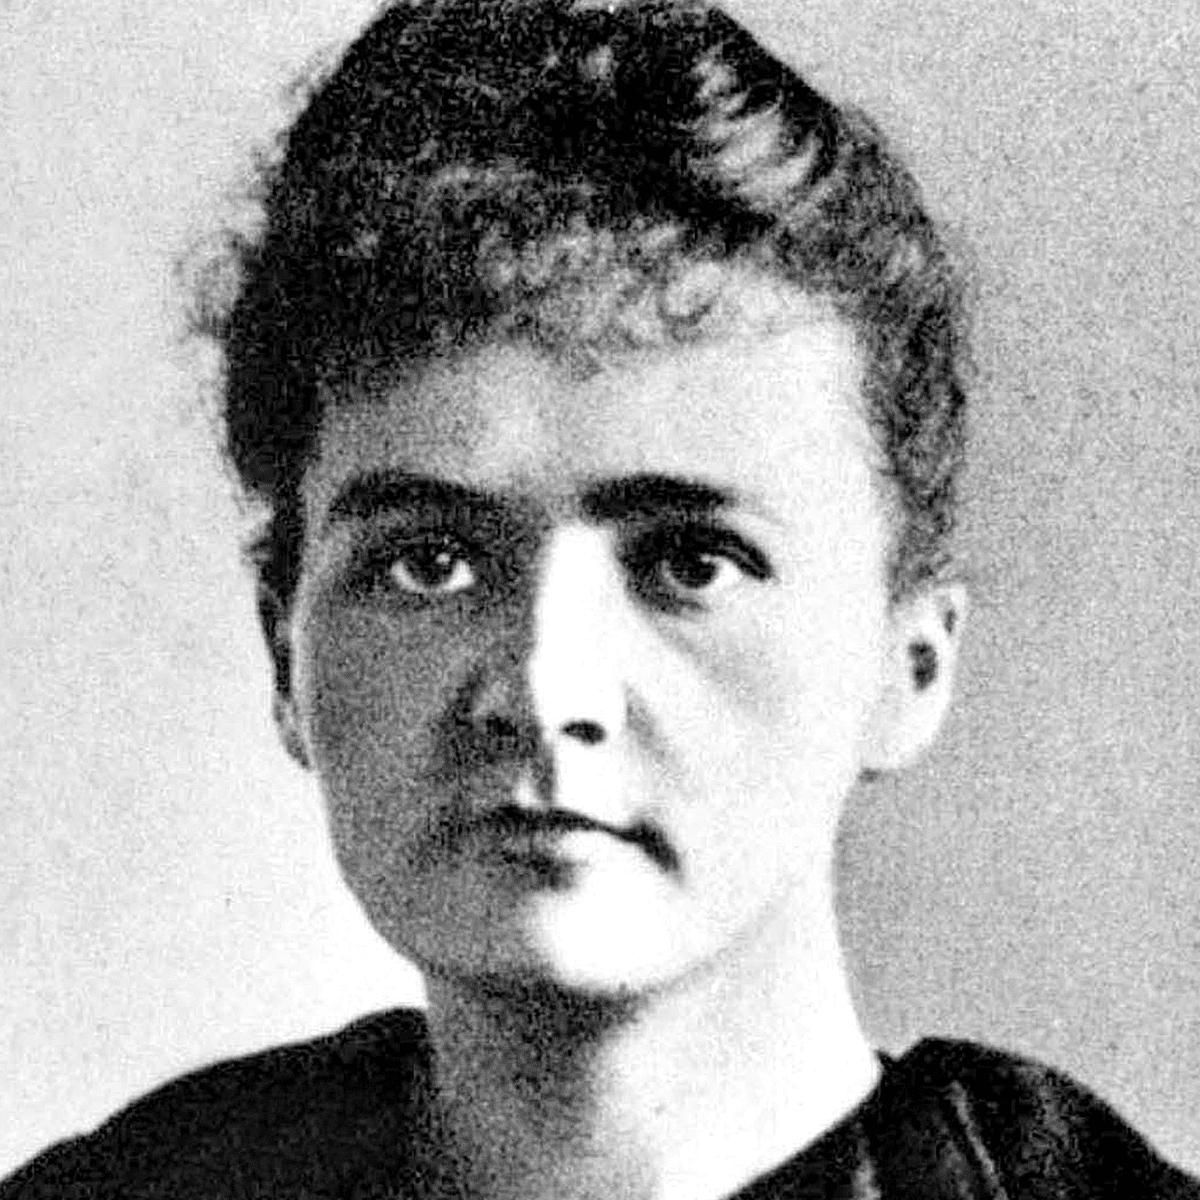 Maria Sklodowski (Marie Curie) in 1894